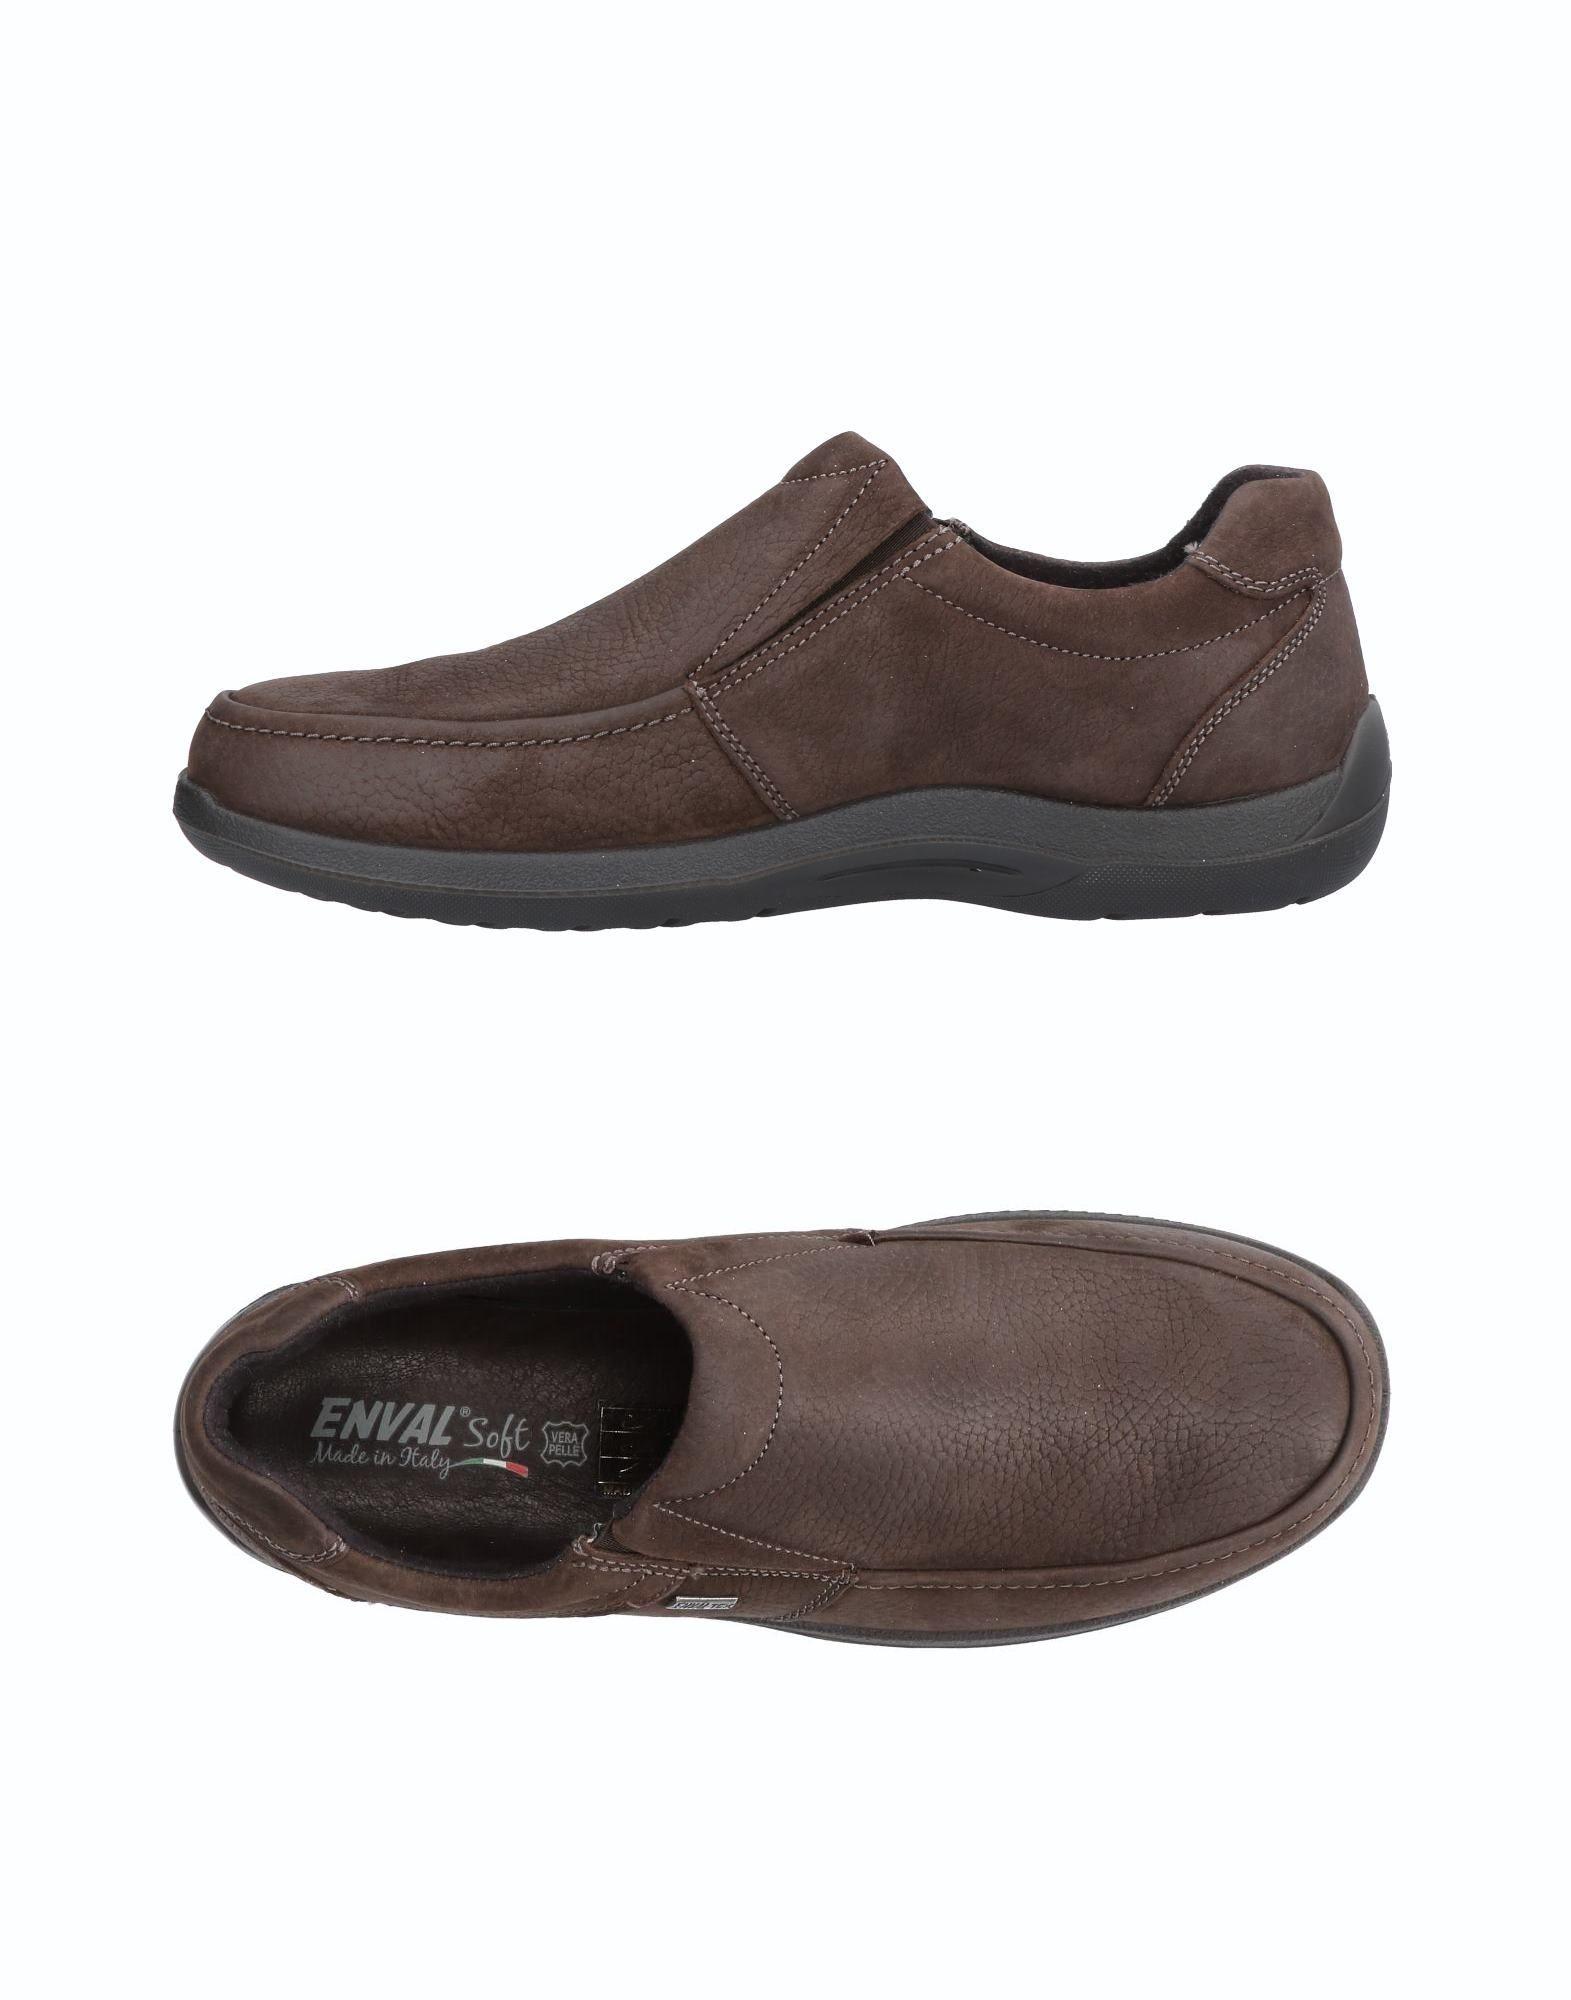 Rabatt echte Mokassins Schuhe Enval Soft Mokassins echte Herren  11464350UC a03c0f